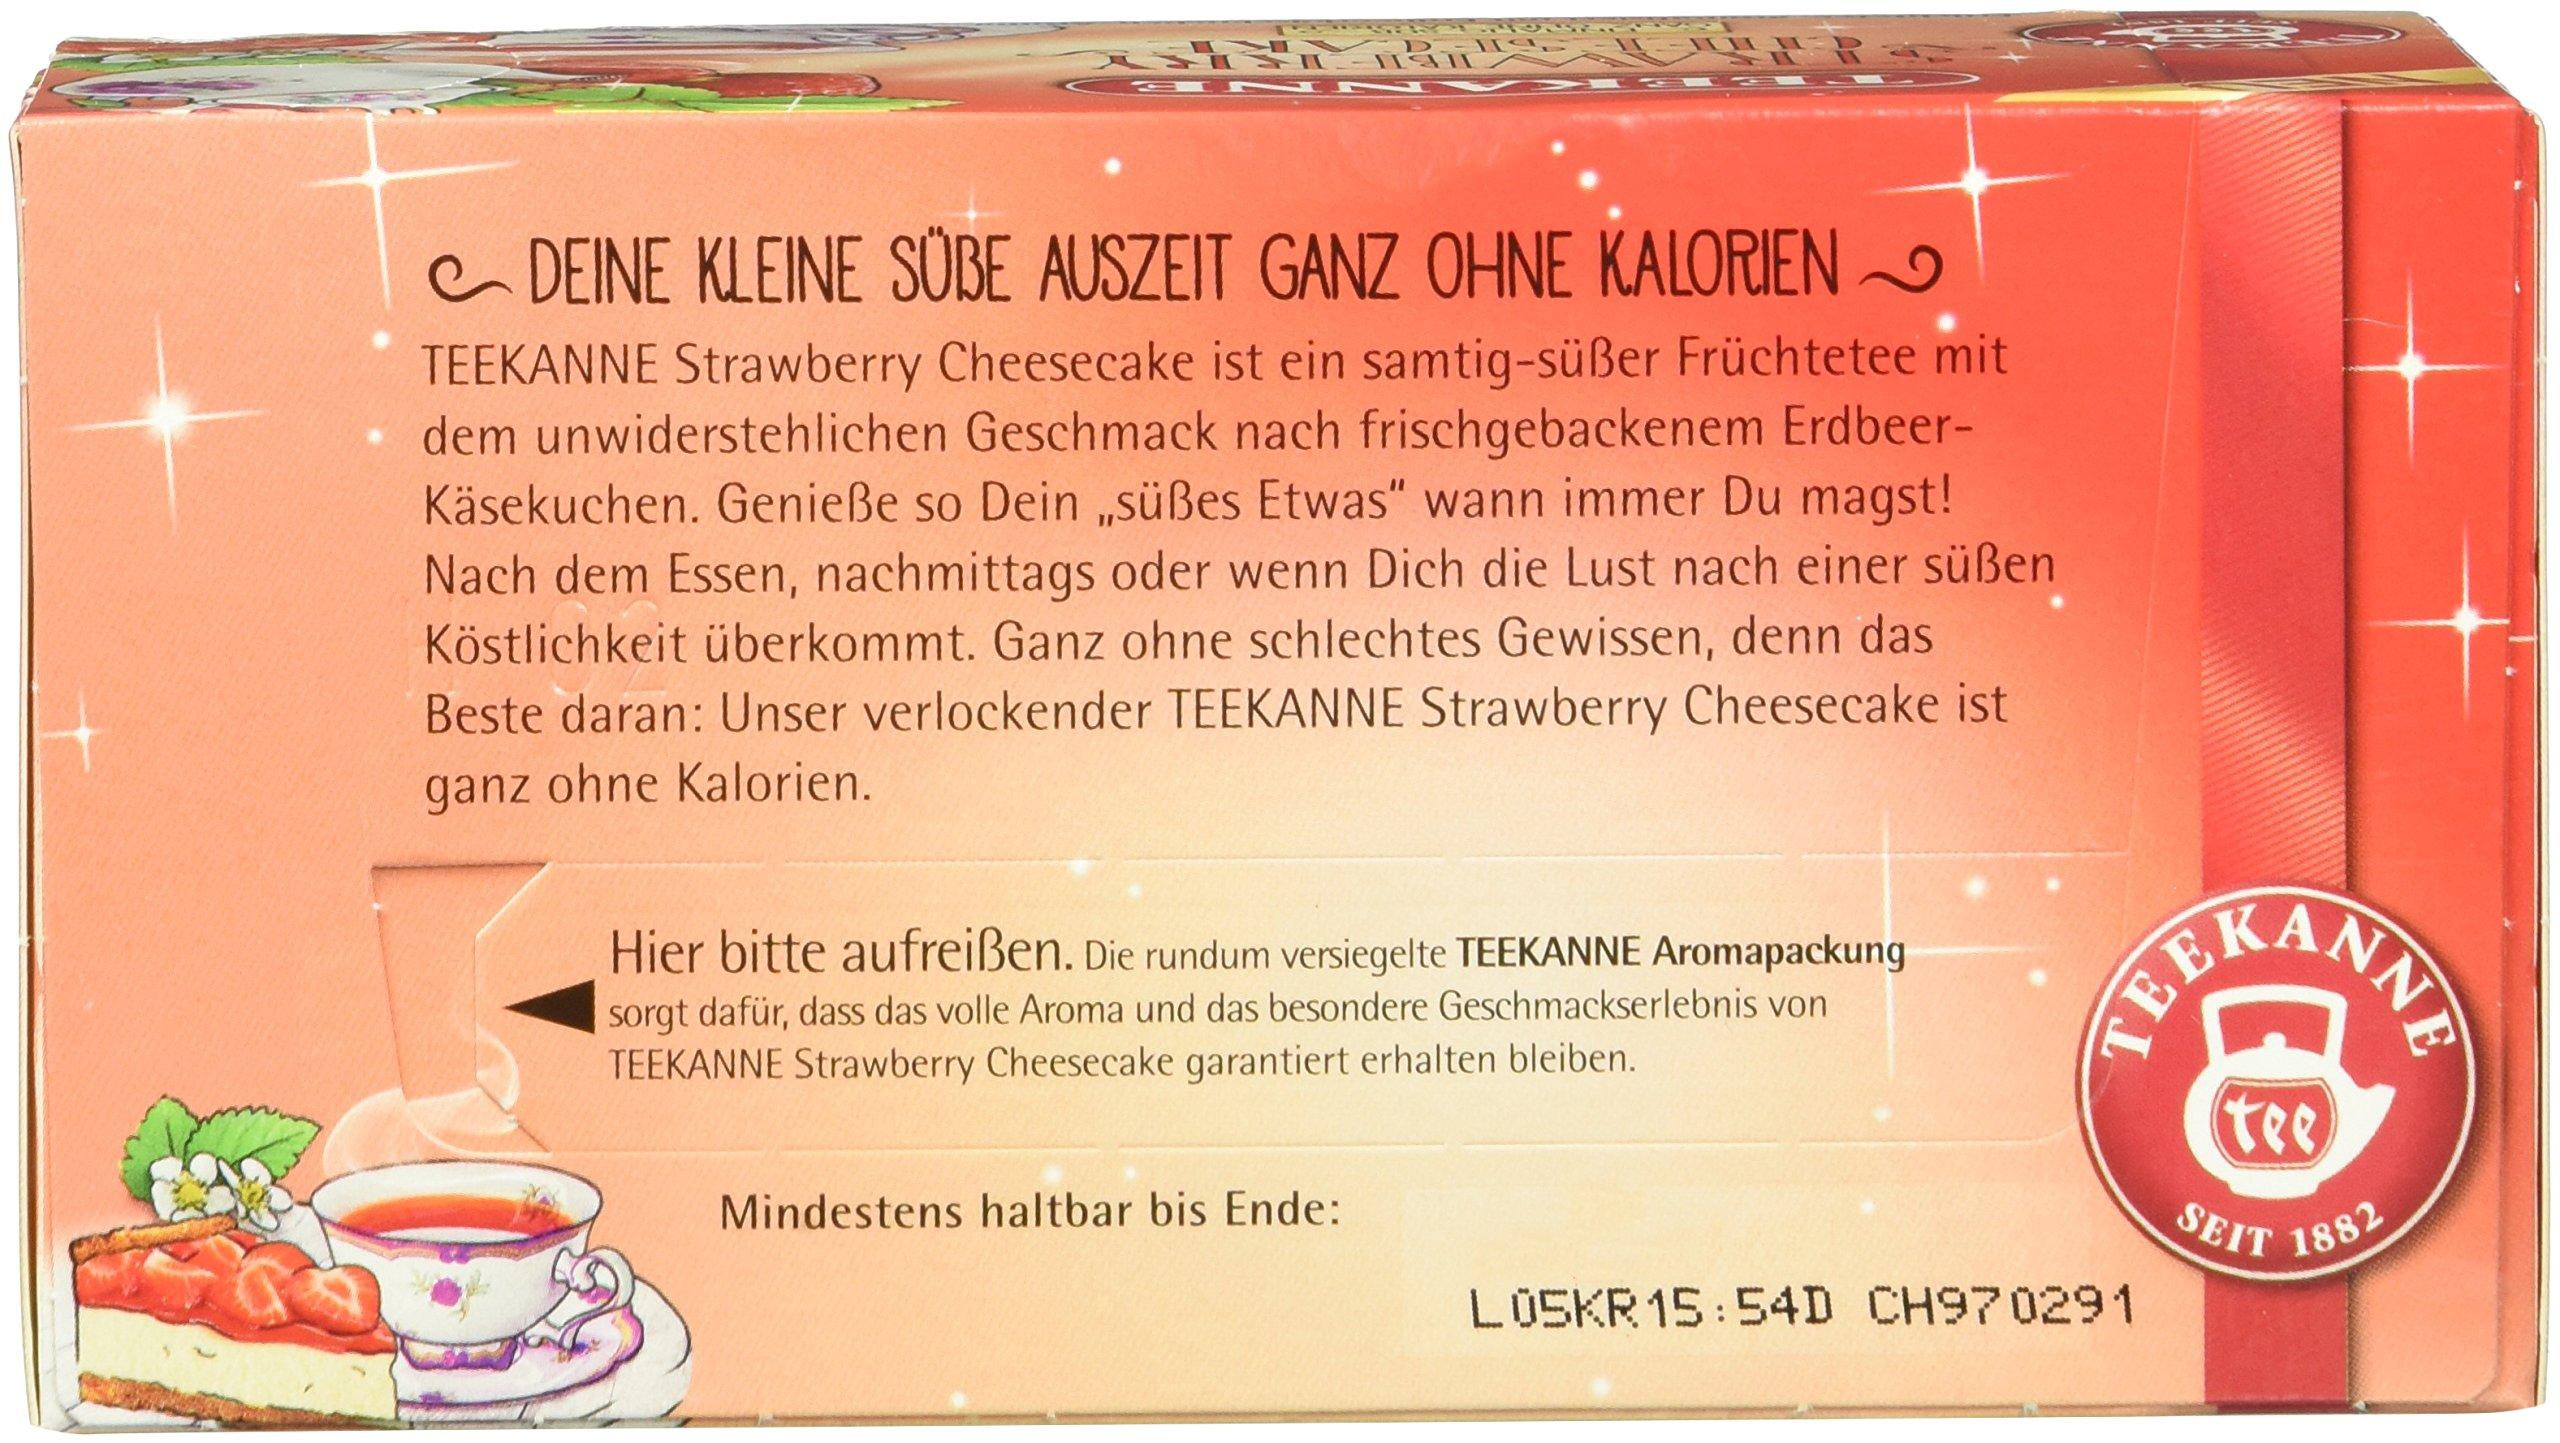 Teekanne-Strawberry-Cheesecake-12er-Pack-12-x-41-g